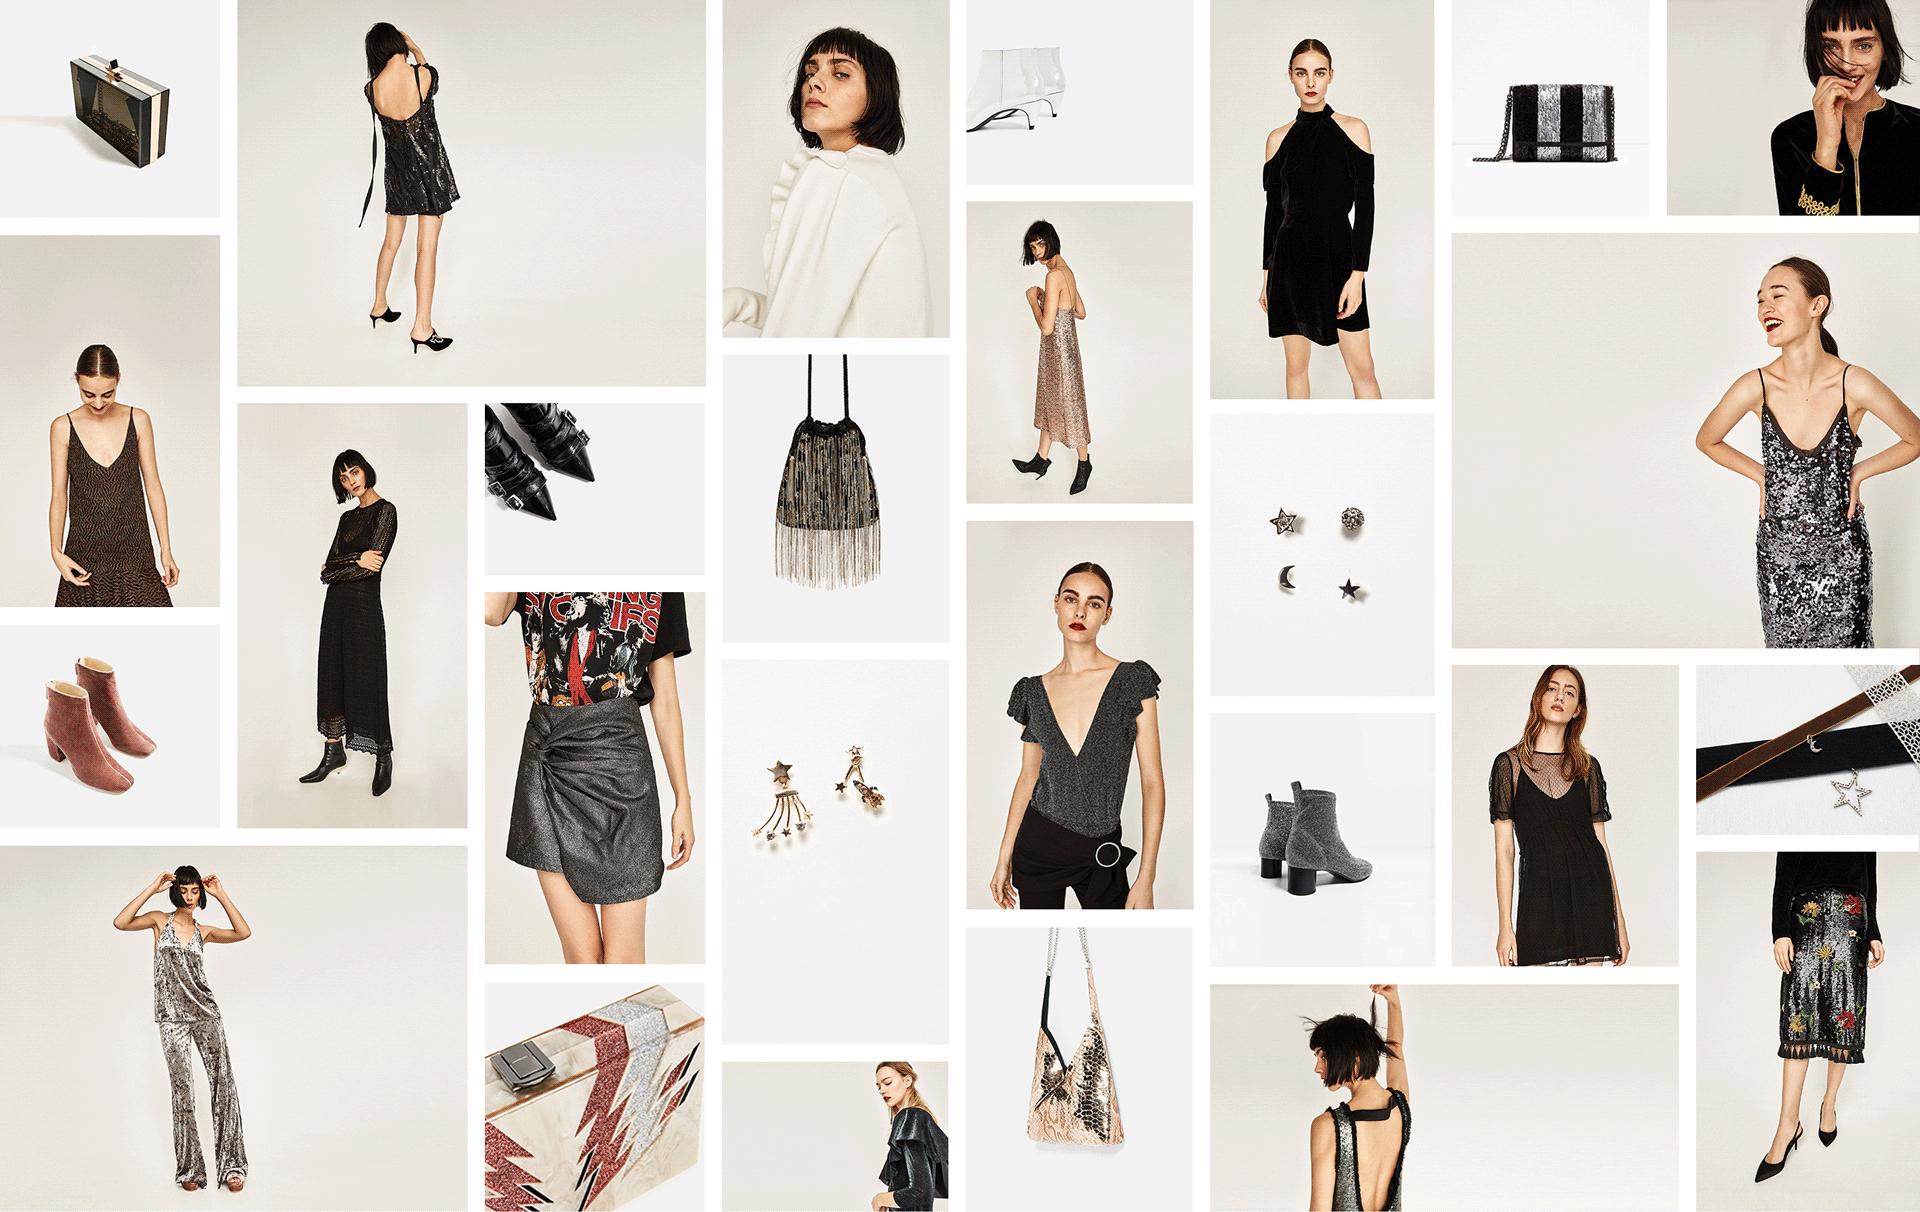 5d93c9e81a7e0 Zara Basic — базовая линия. Коллекции мужской, женской и молодежной одежды.  Zara Basic шьётся в повседневном стиле из материалов, сочетающих  натуральные и ...